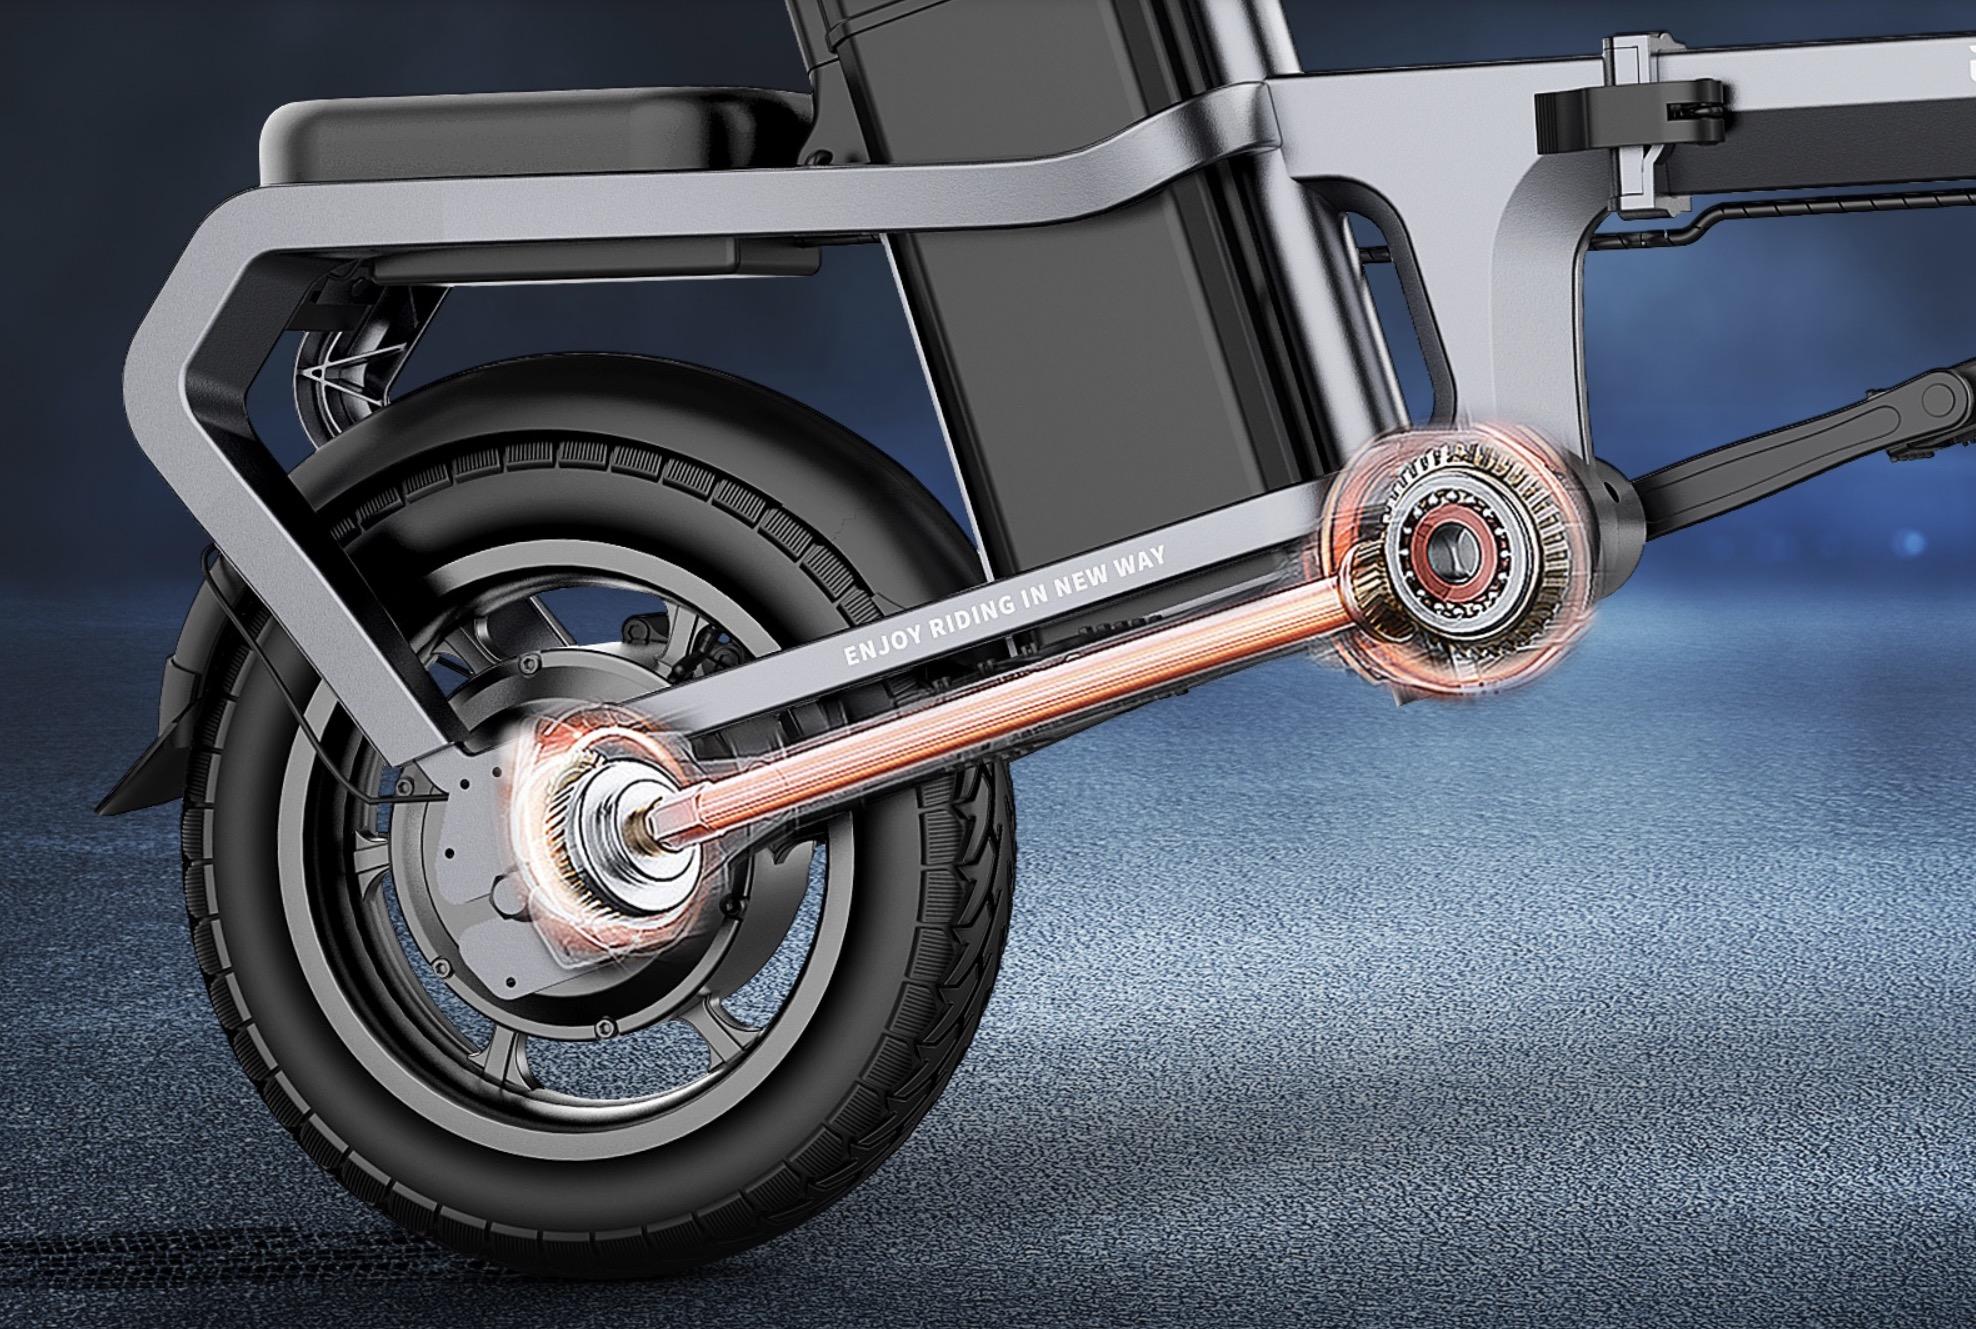 ENGWE X5S, bici elettrica pieghevole senza catena in super offerta